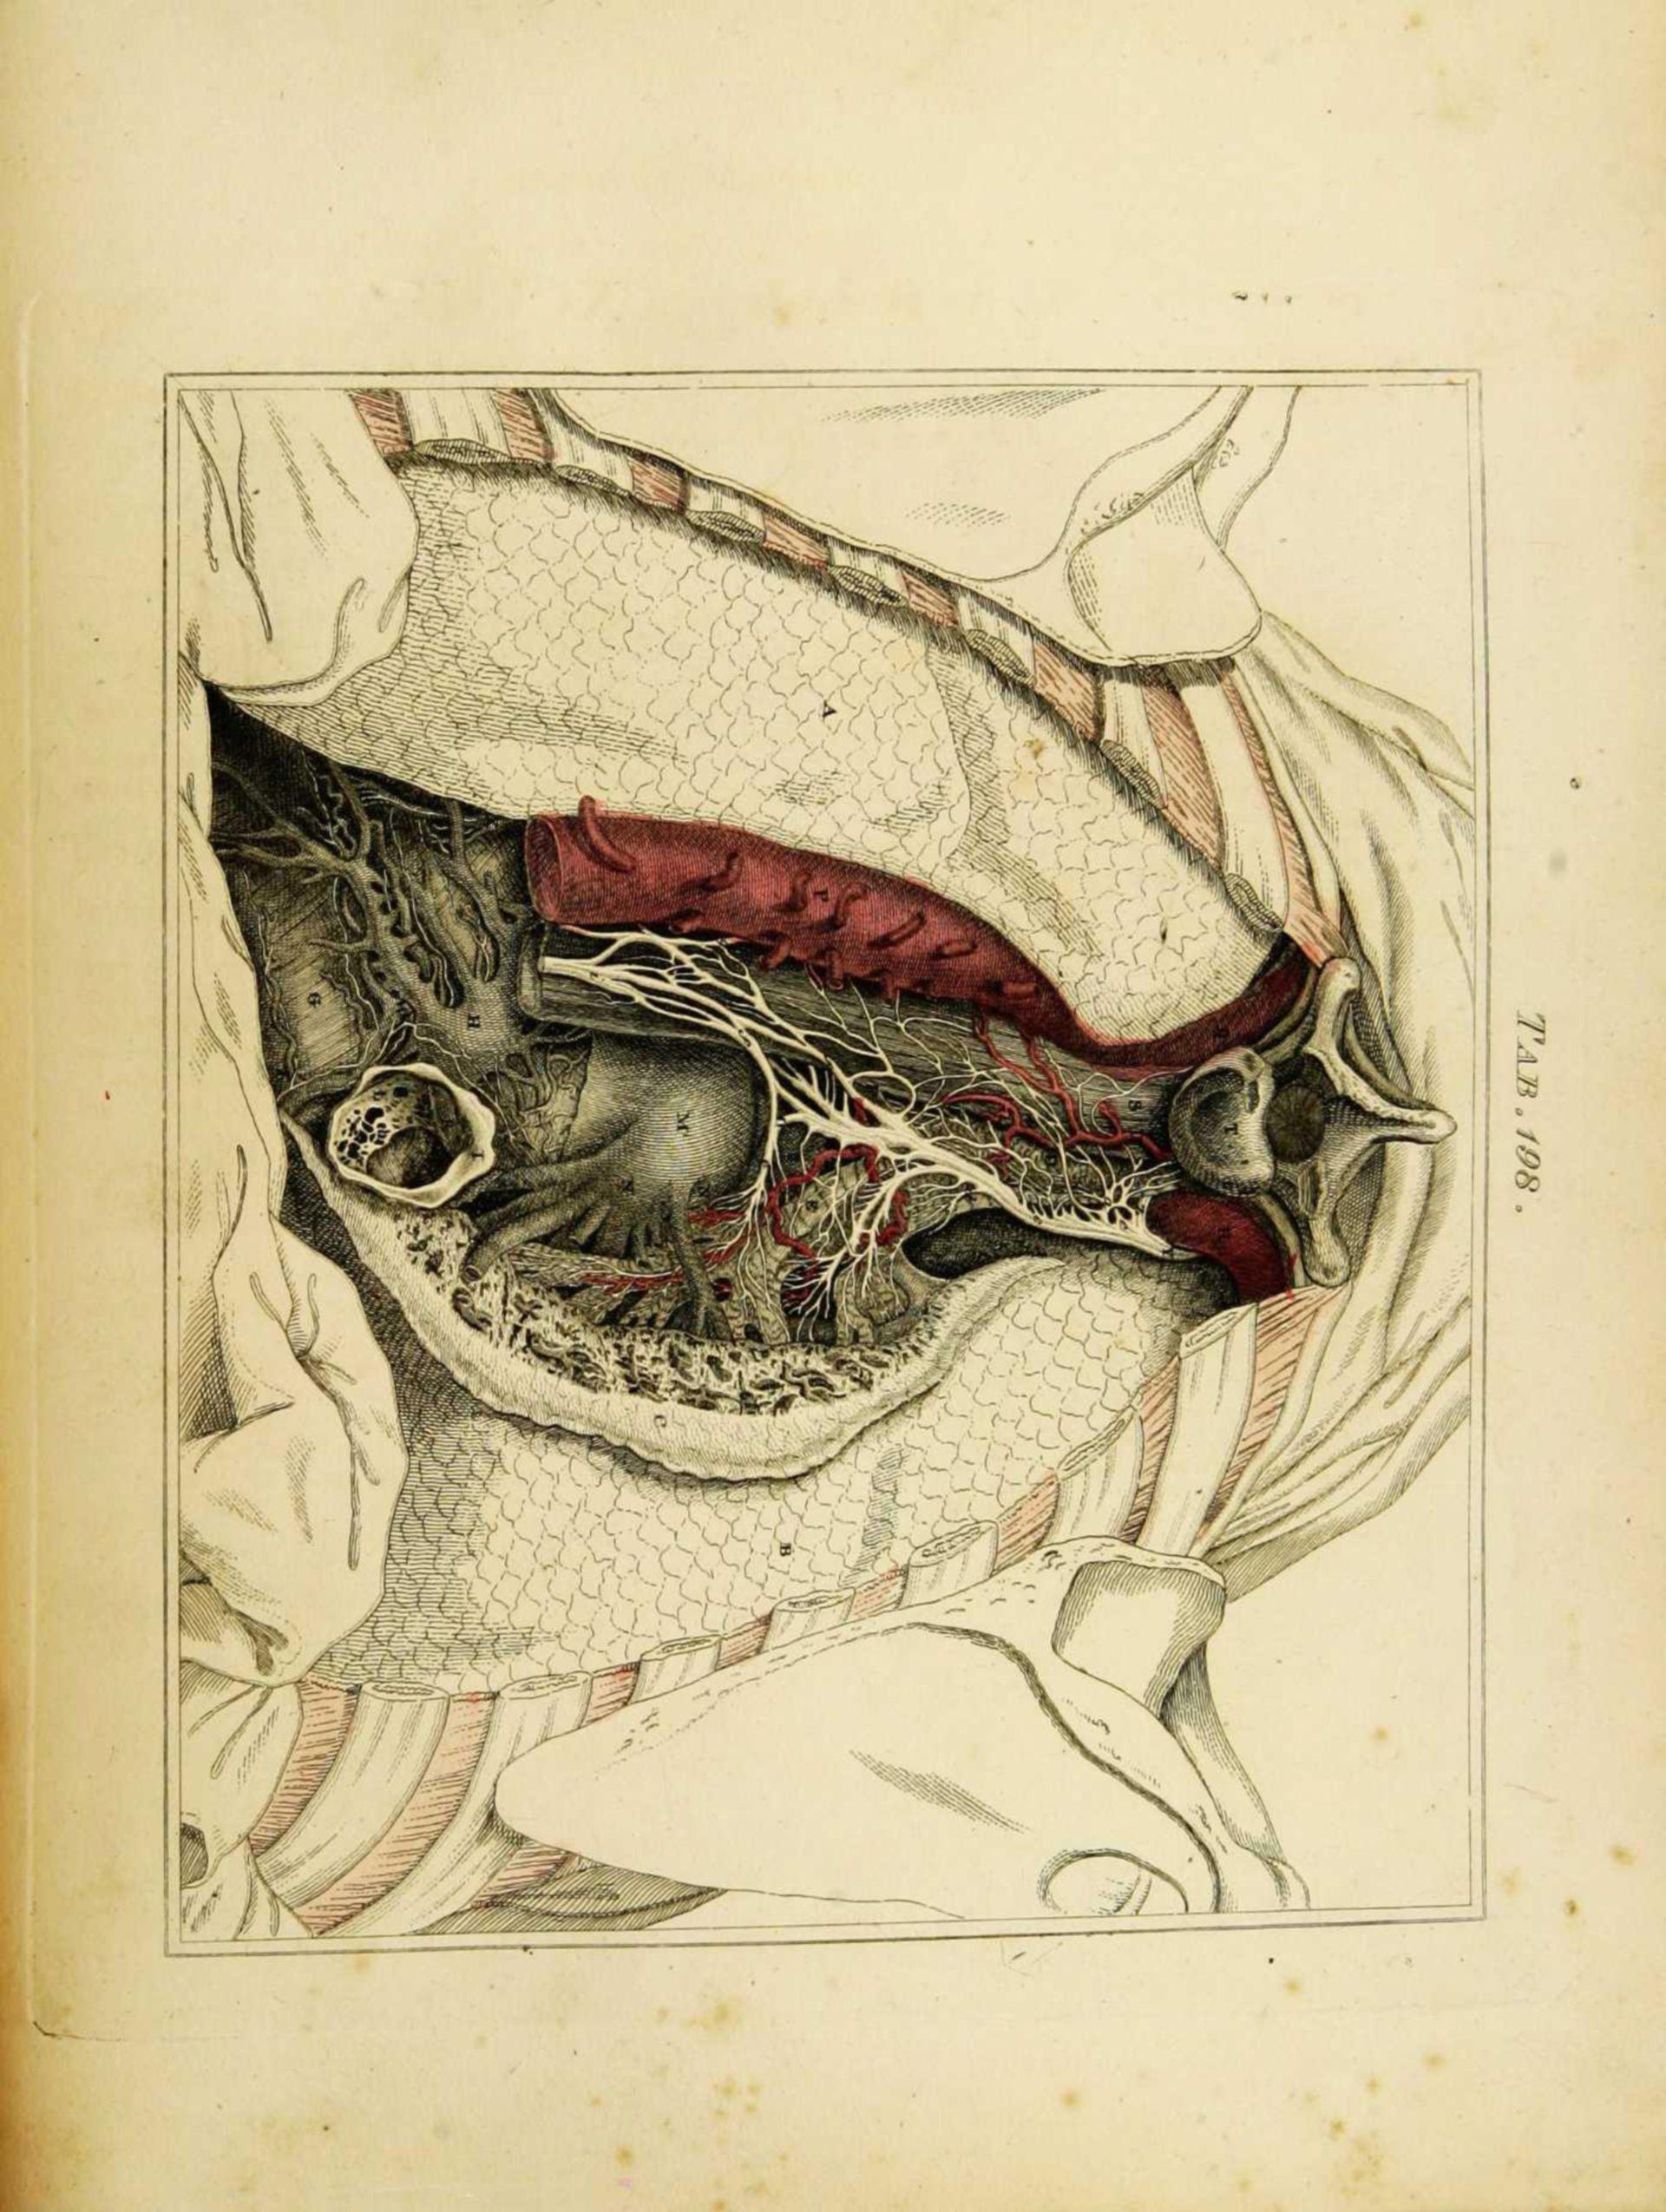 Eröffneter Thorax aus dorsaler Ansicht